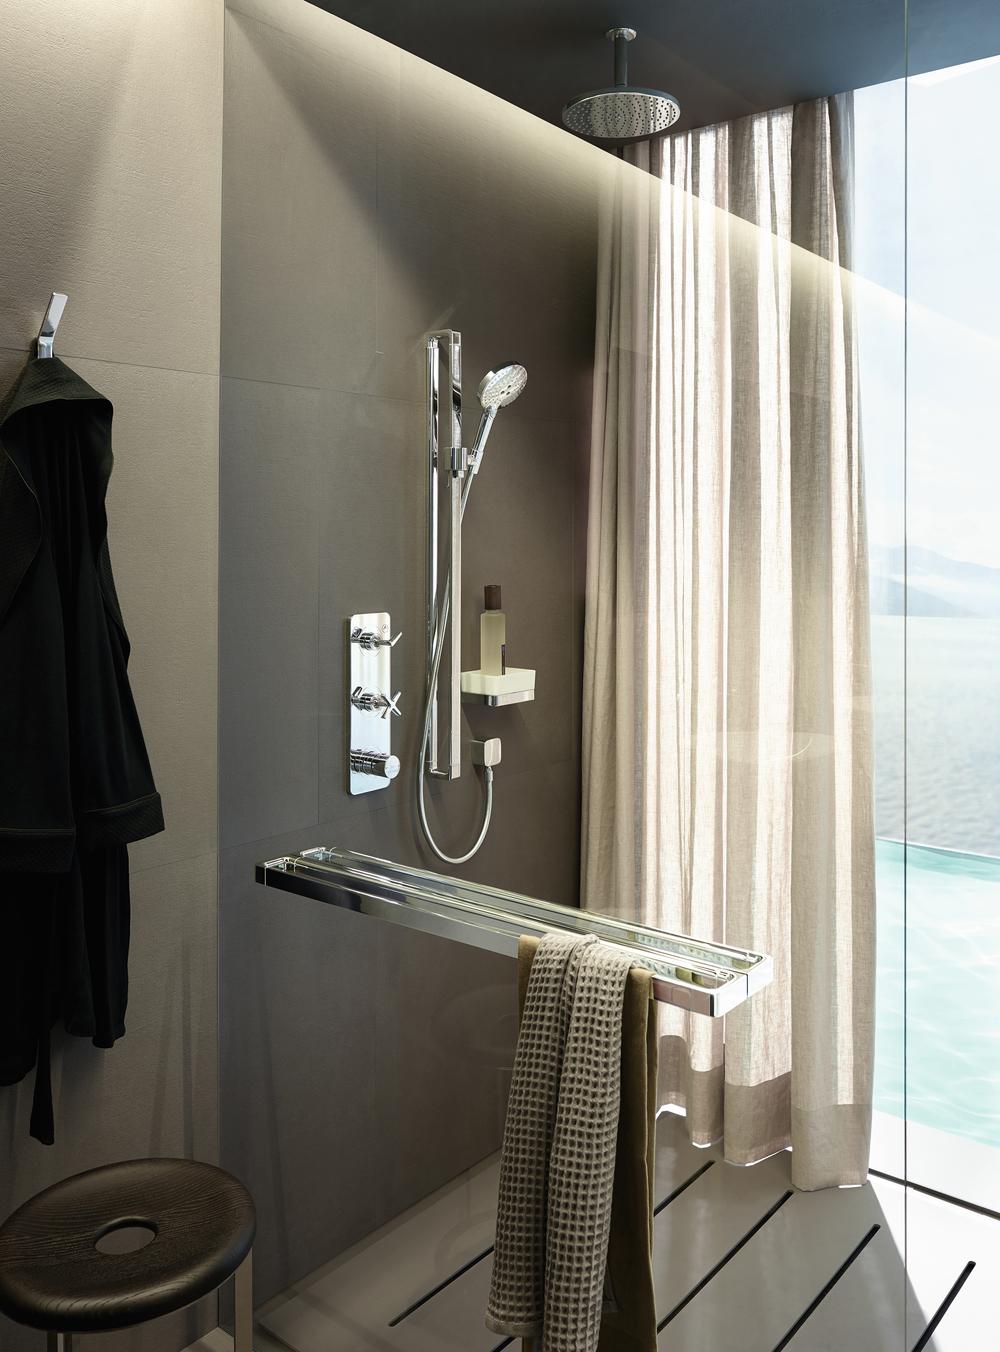 Axor_Citterio_E_Ambience_Shower_2.jpg